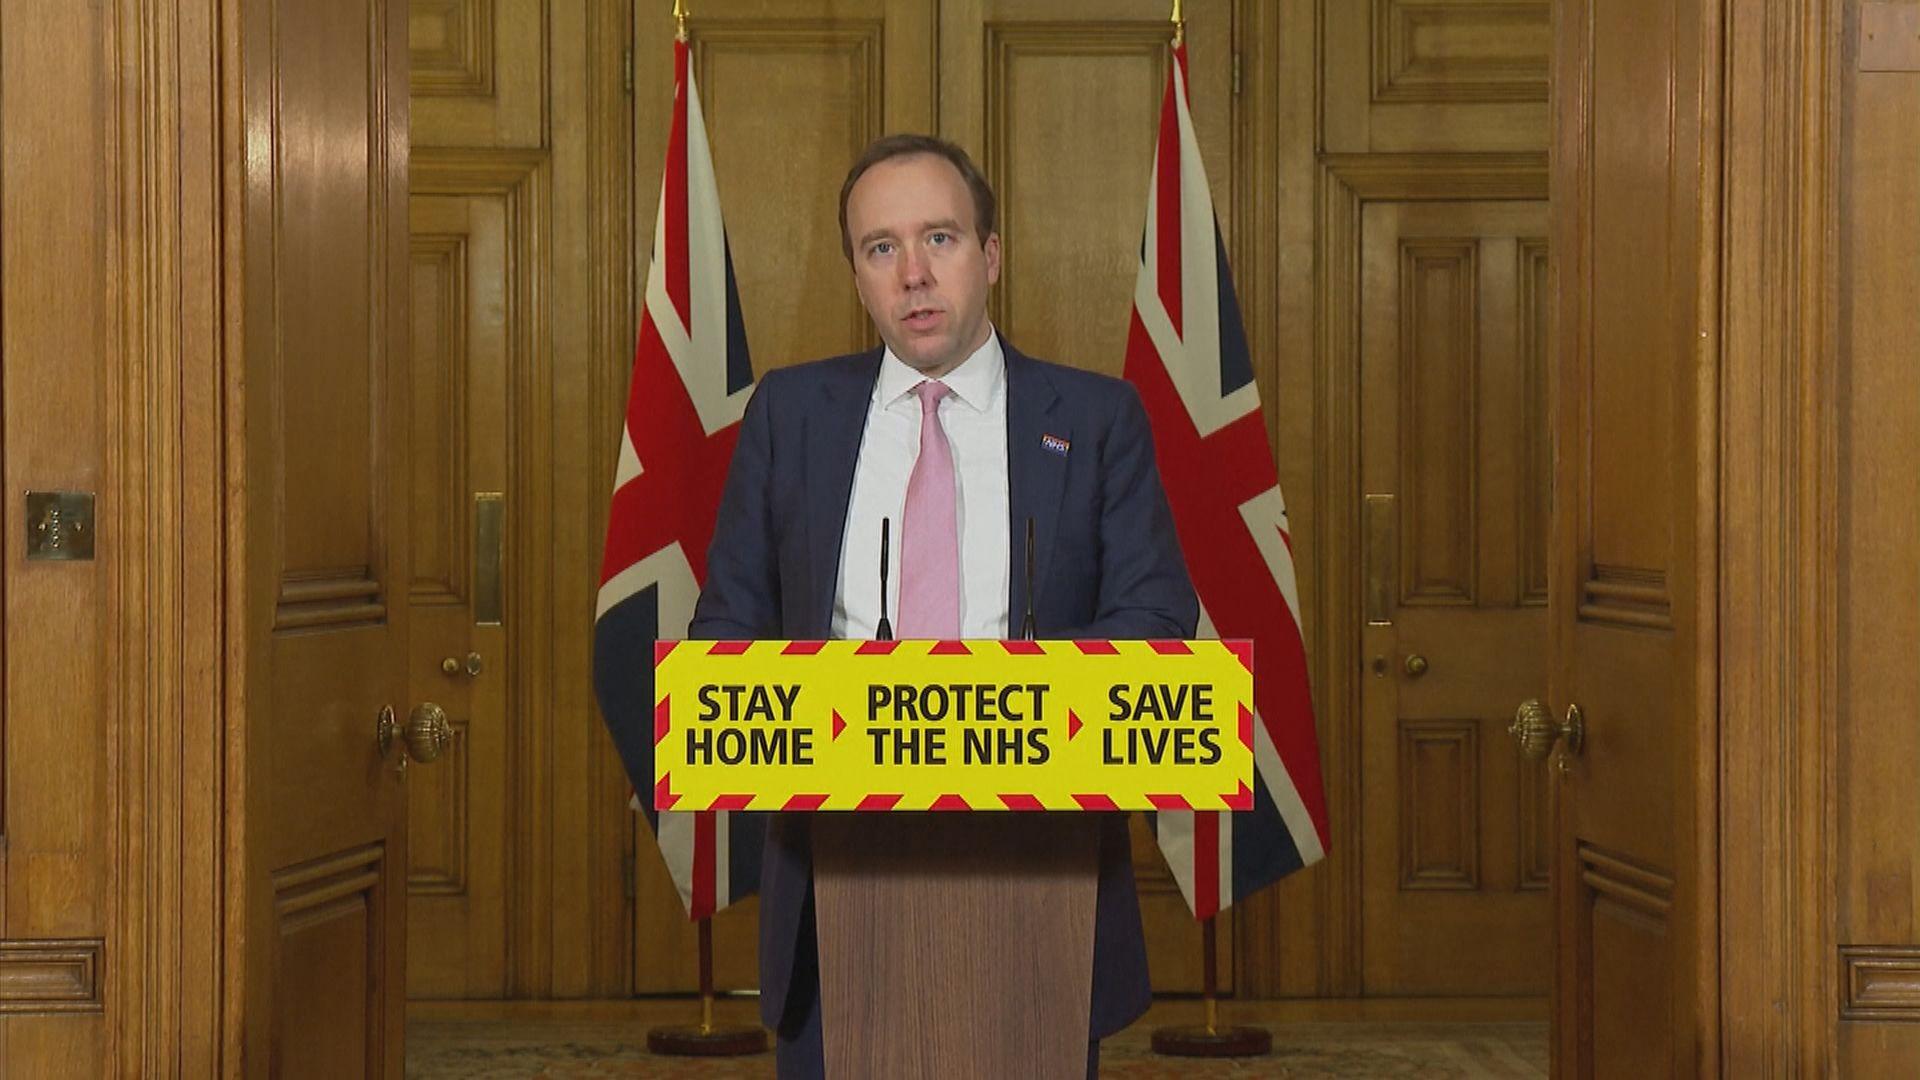 英國增3萬7千多宗確診 衞生大臣:平均每30秒一確診者入院